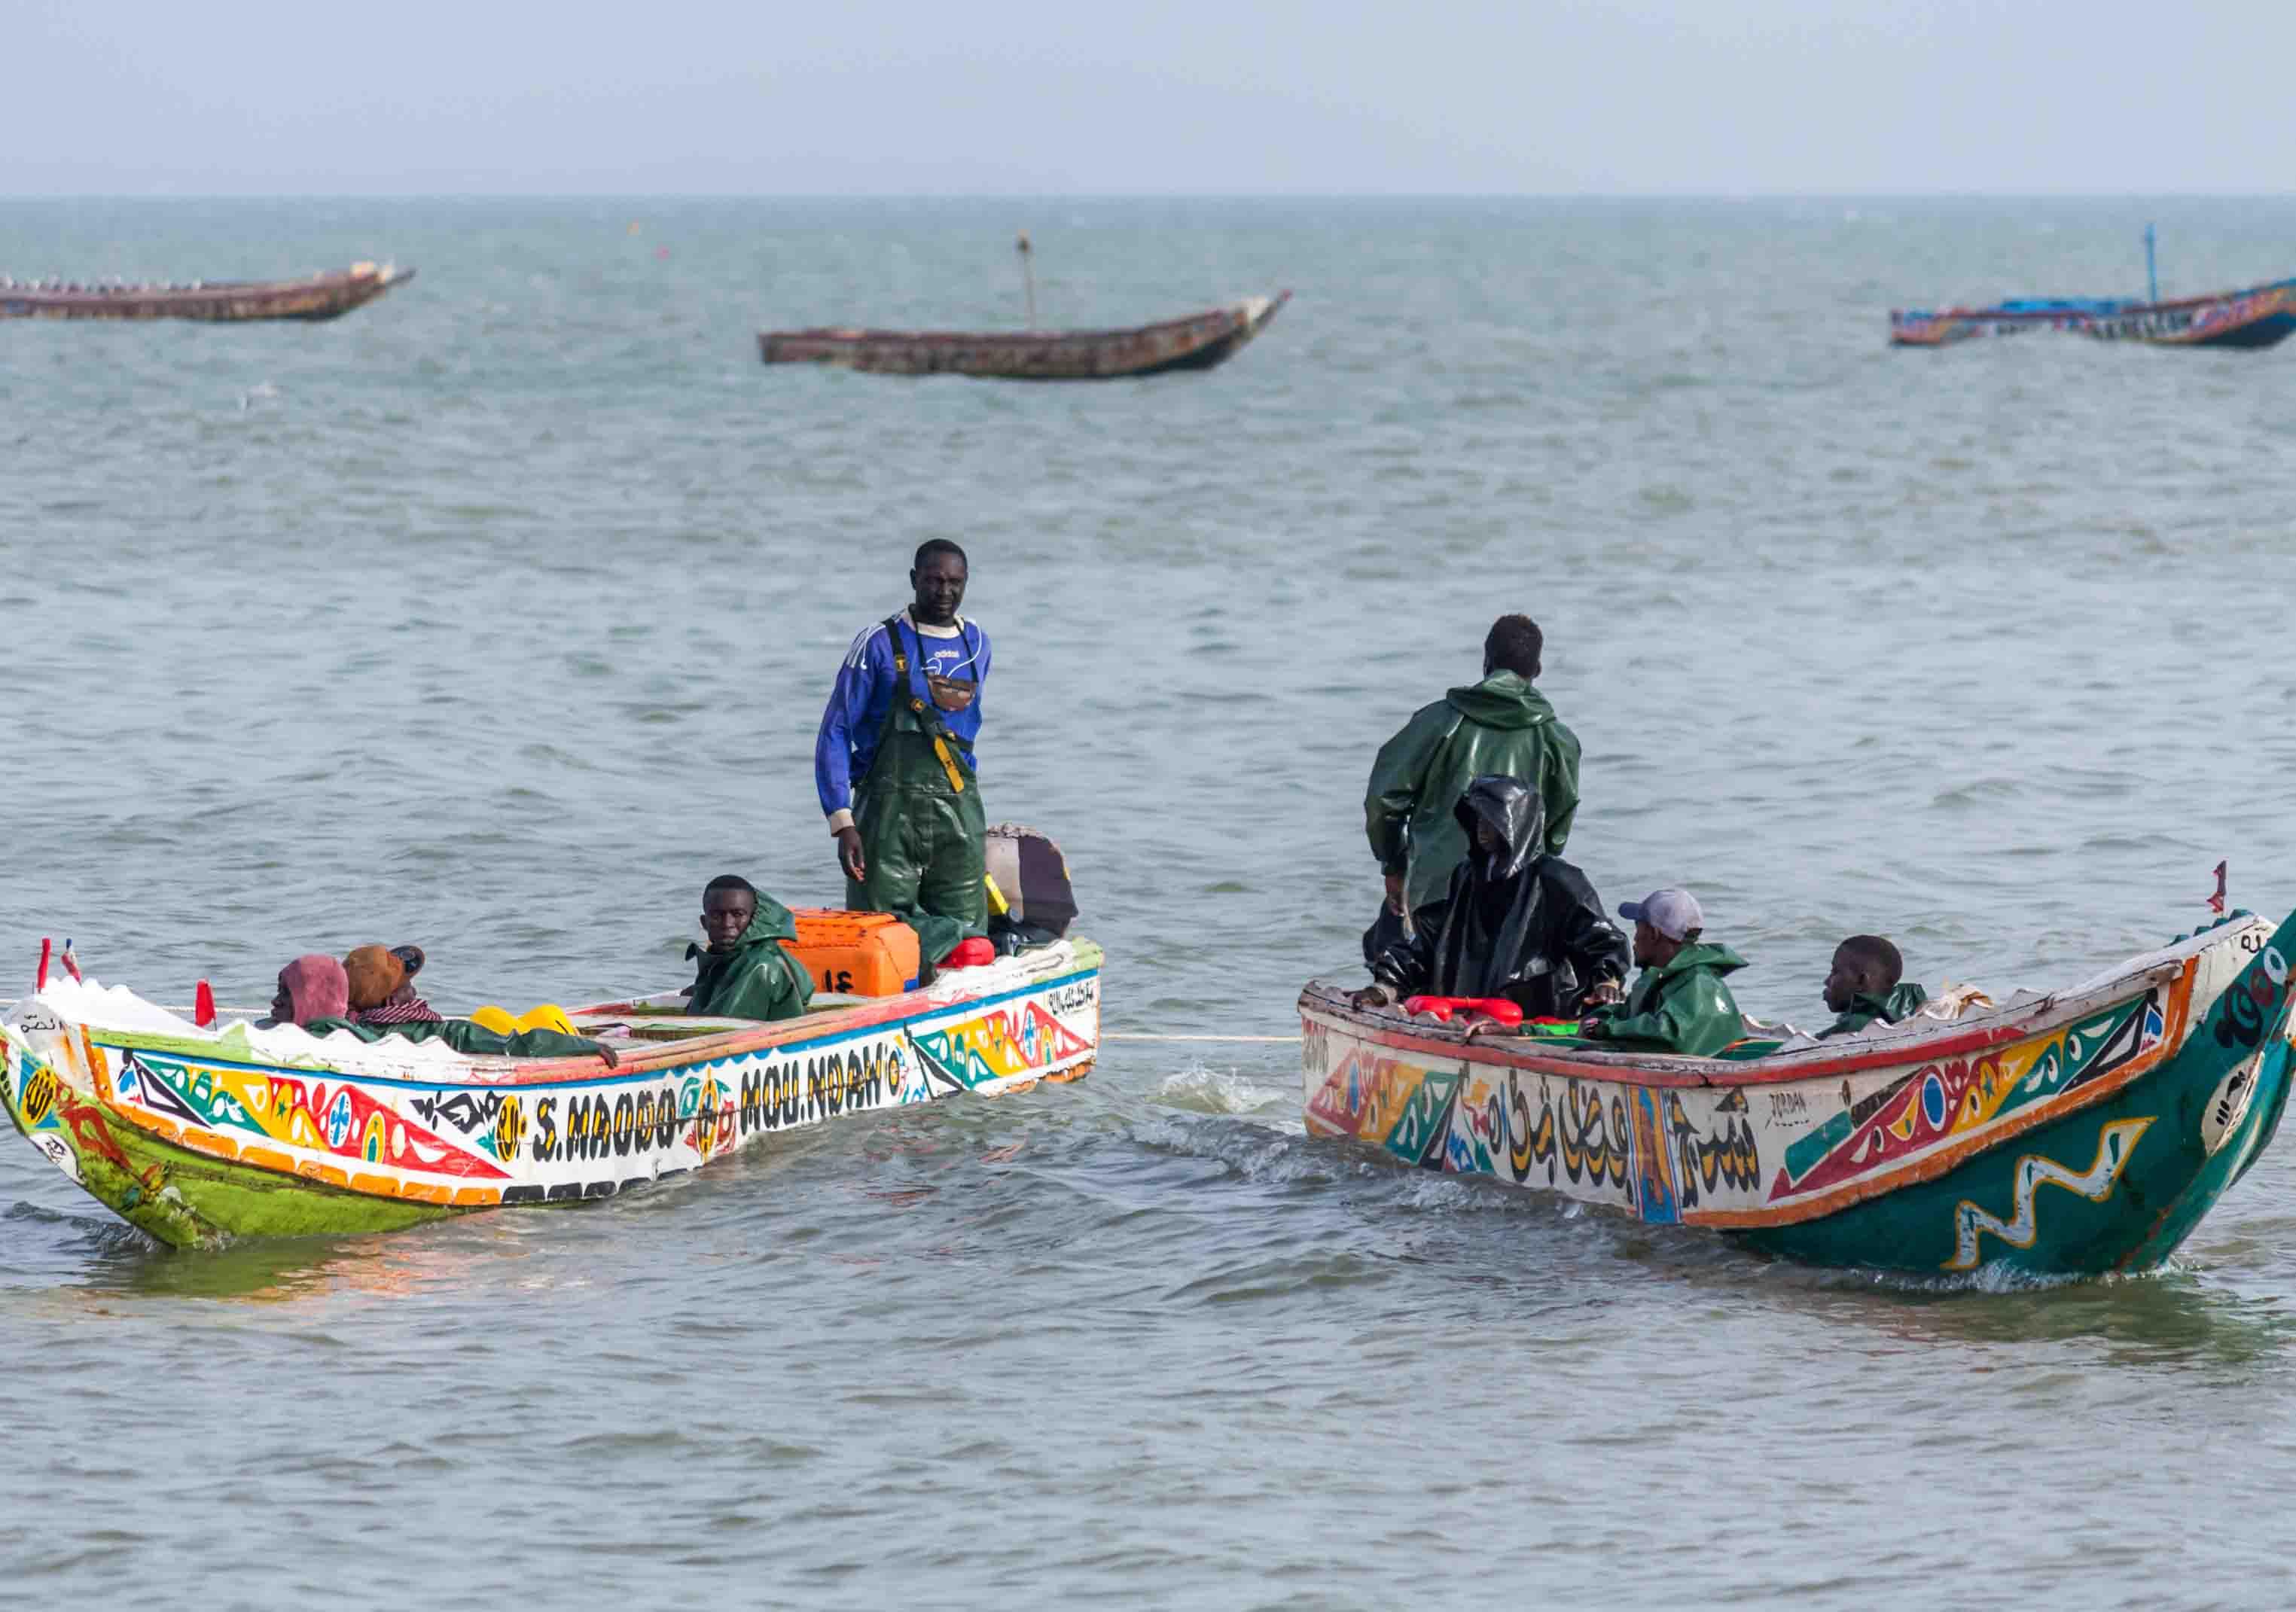 Ici, s'il n'y a pas de pêche, Mbour ne vit pas. Toute l'économie démarre par la pêche. Lorsqu'il y a beaucoup de poissons, la ville bouge. Les chauffeurs de taxi, les restaurants...